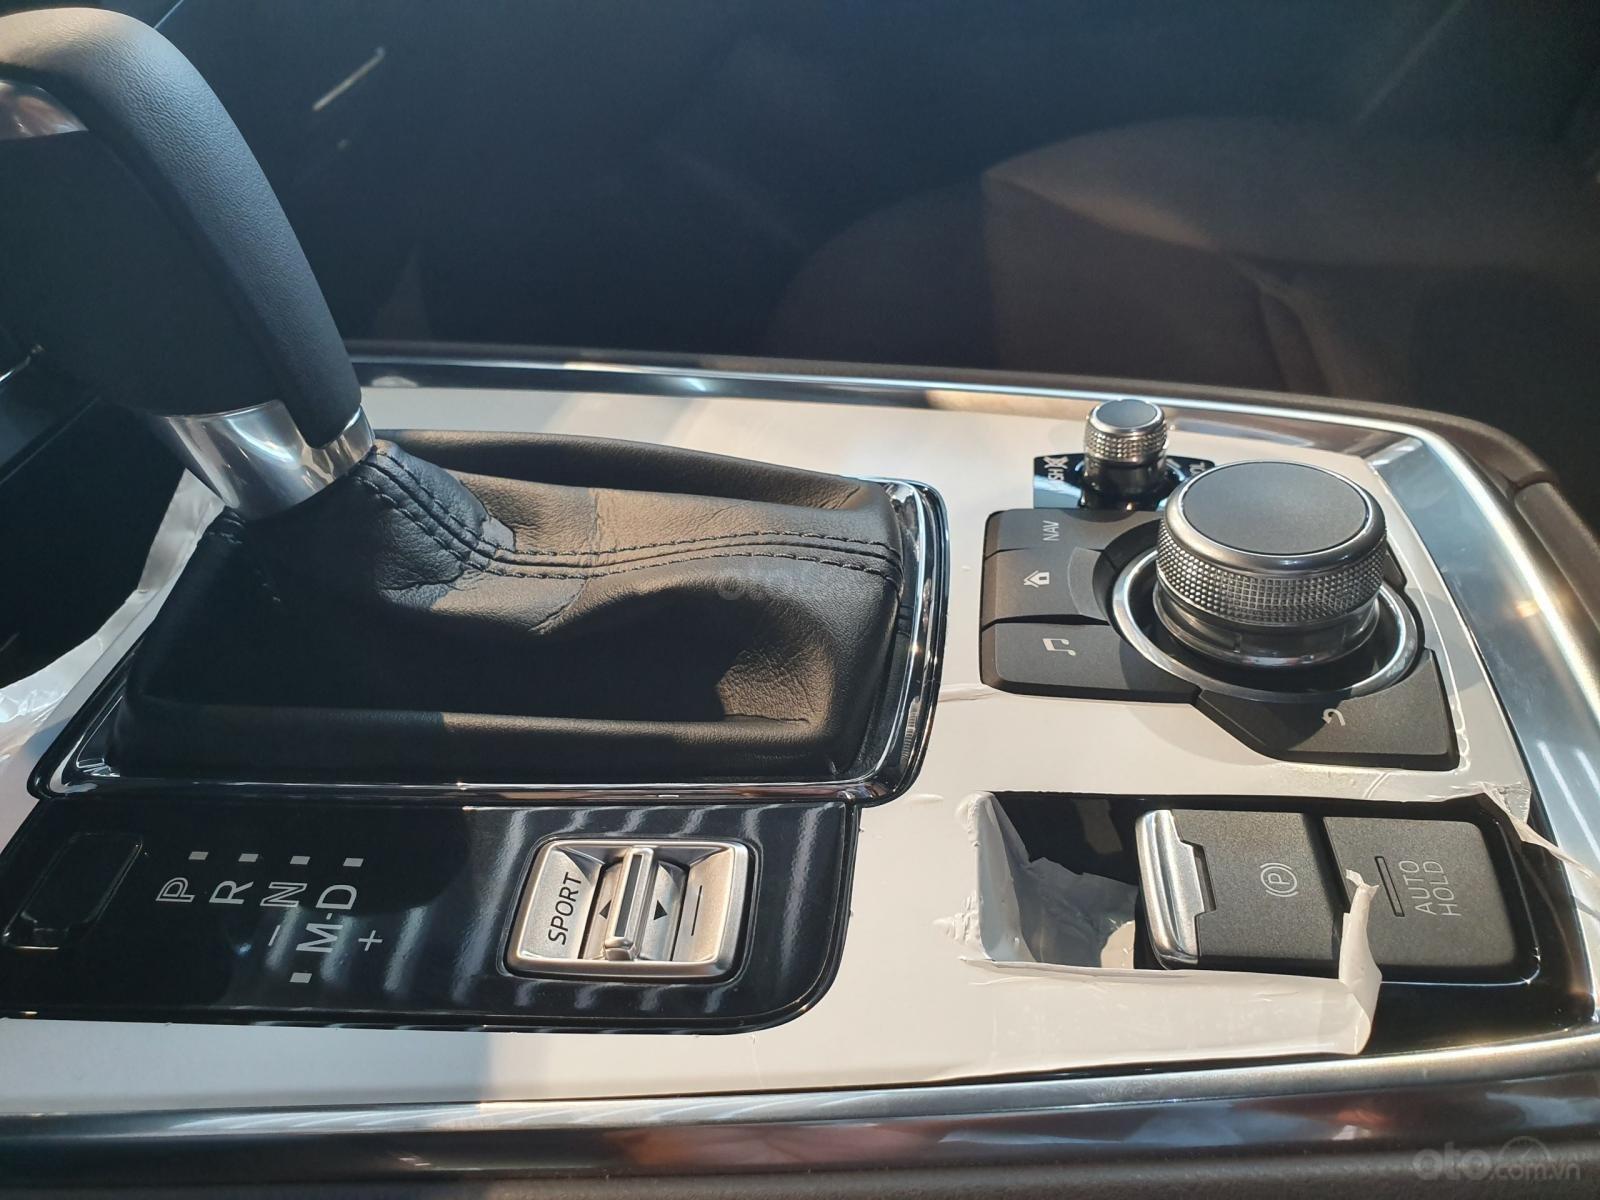 Bán Mazda CX8 - ưu đãi lên đến 50tr cho tất cả phiên bản cùng nhiều quà tặng hấp dẫn (4)